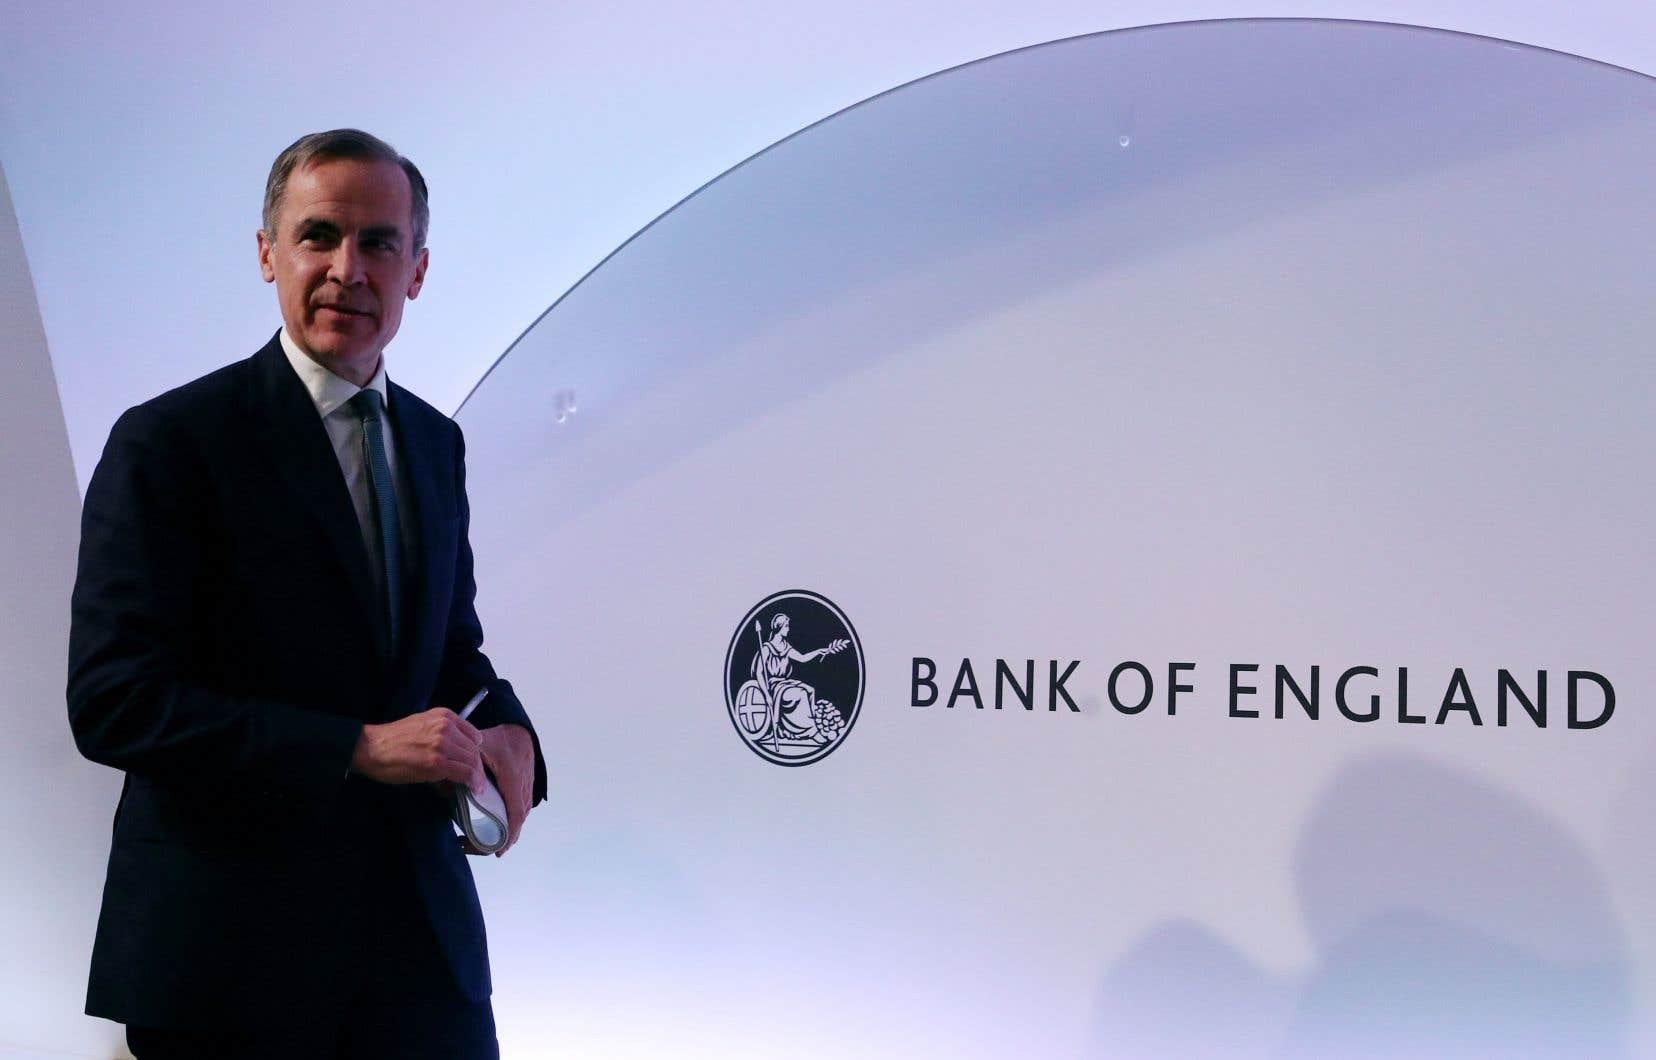 Le gouverneur de Banque d'Angleterre, Mark Carney, a prévenu jeudi que l'économie britannique n'était «pas encore prête» à unesortie sans accord de l'UE, le pire scénario pour les milieux d'affaires.